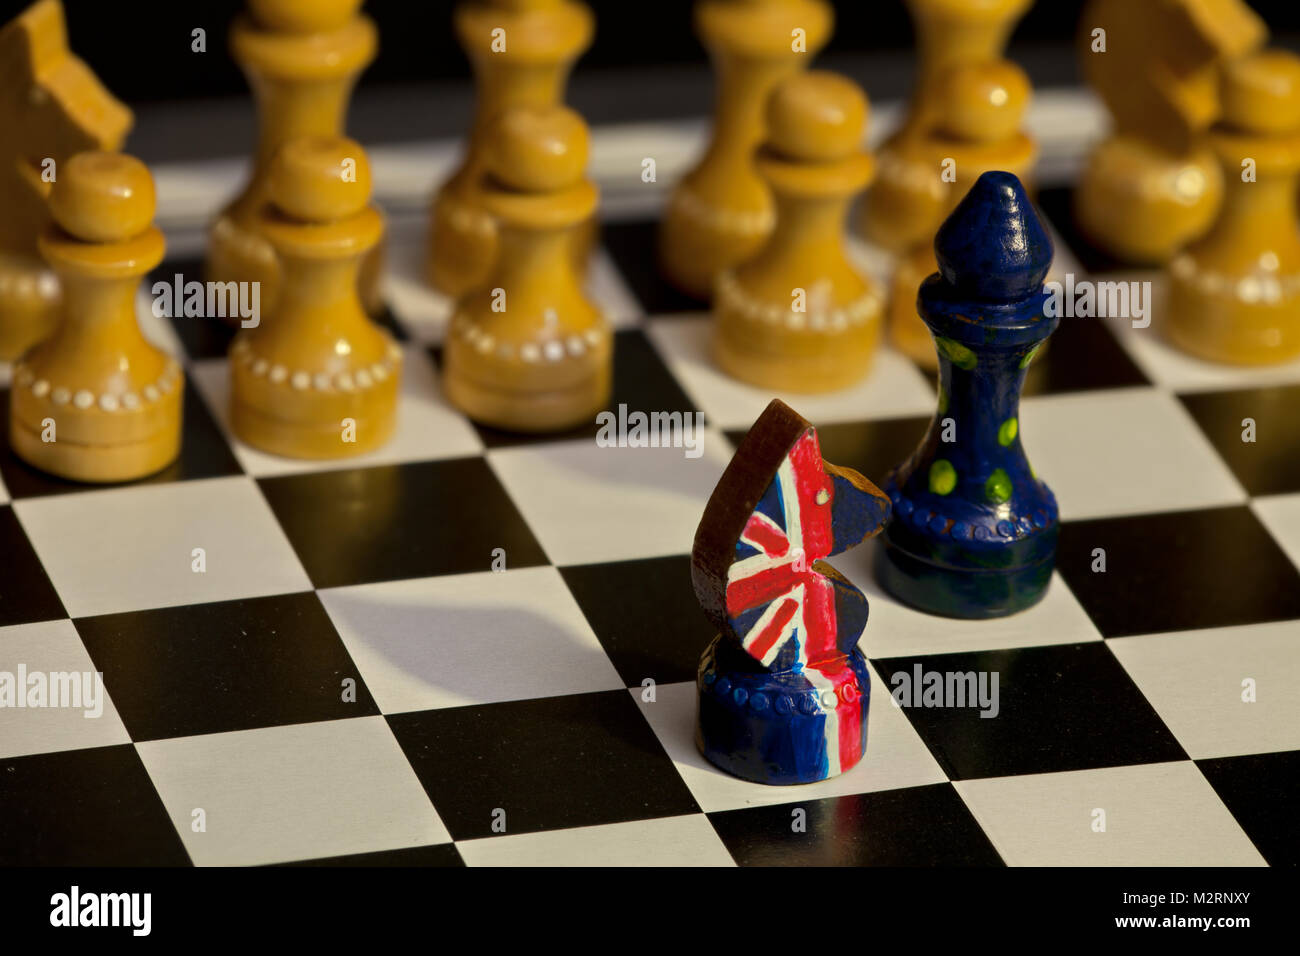 Schach spiel Großbritannien und die Europäische Union Konfrontation Stockbild